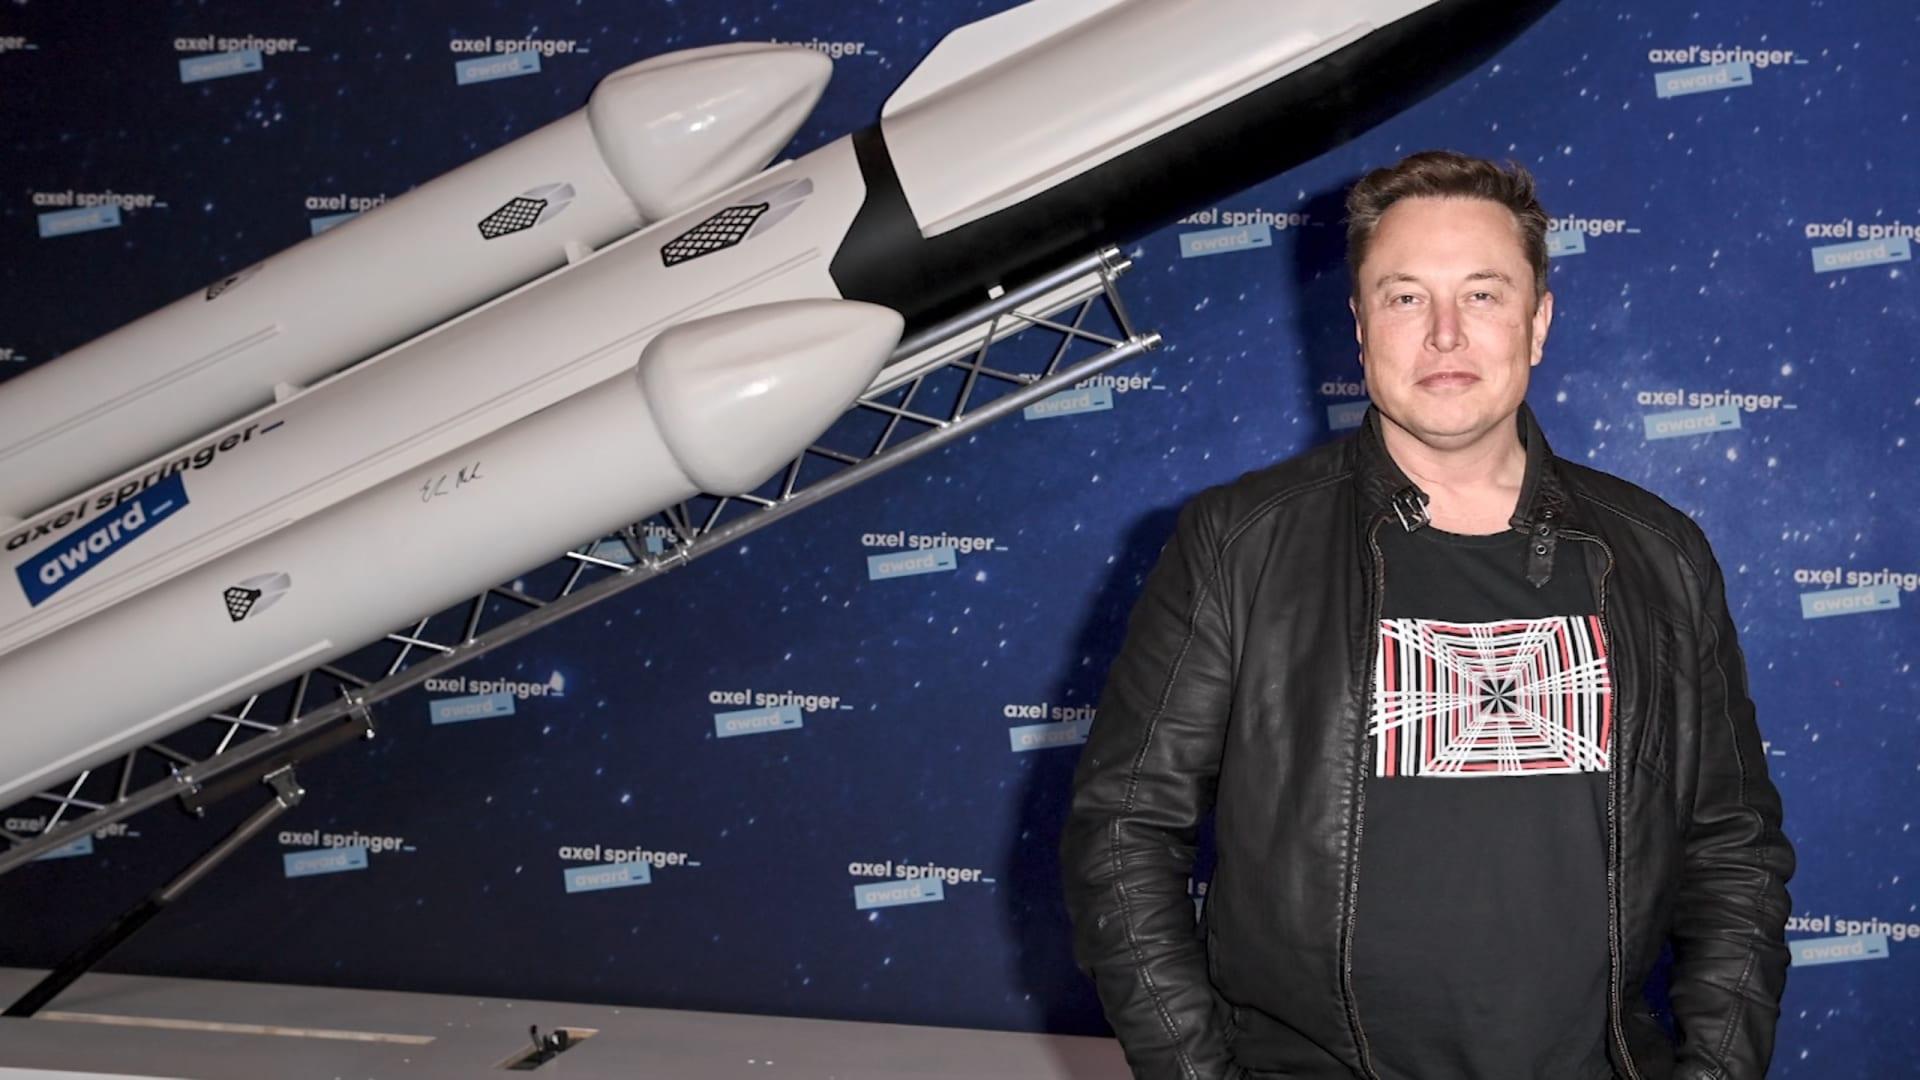 إيلون موسك: حتماً سيموت العديد من الأشخاص خلال رحلة الوصول إلى المريخ